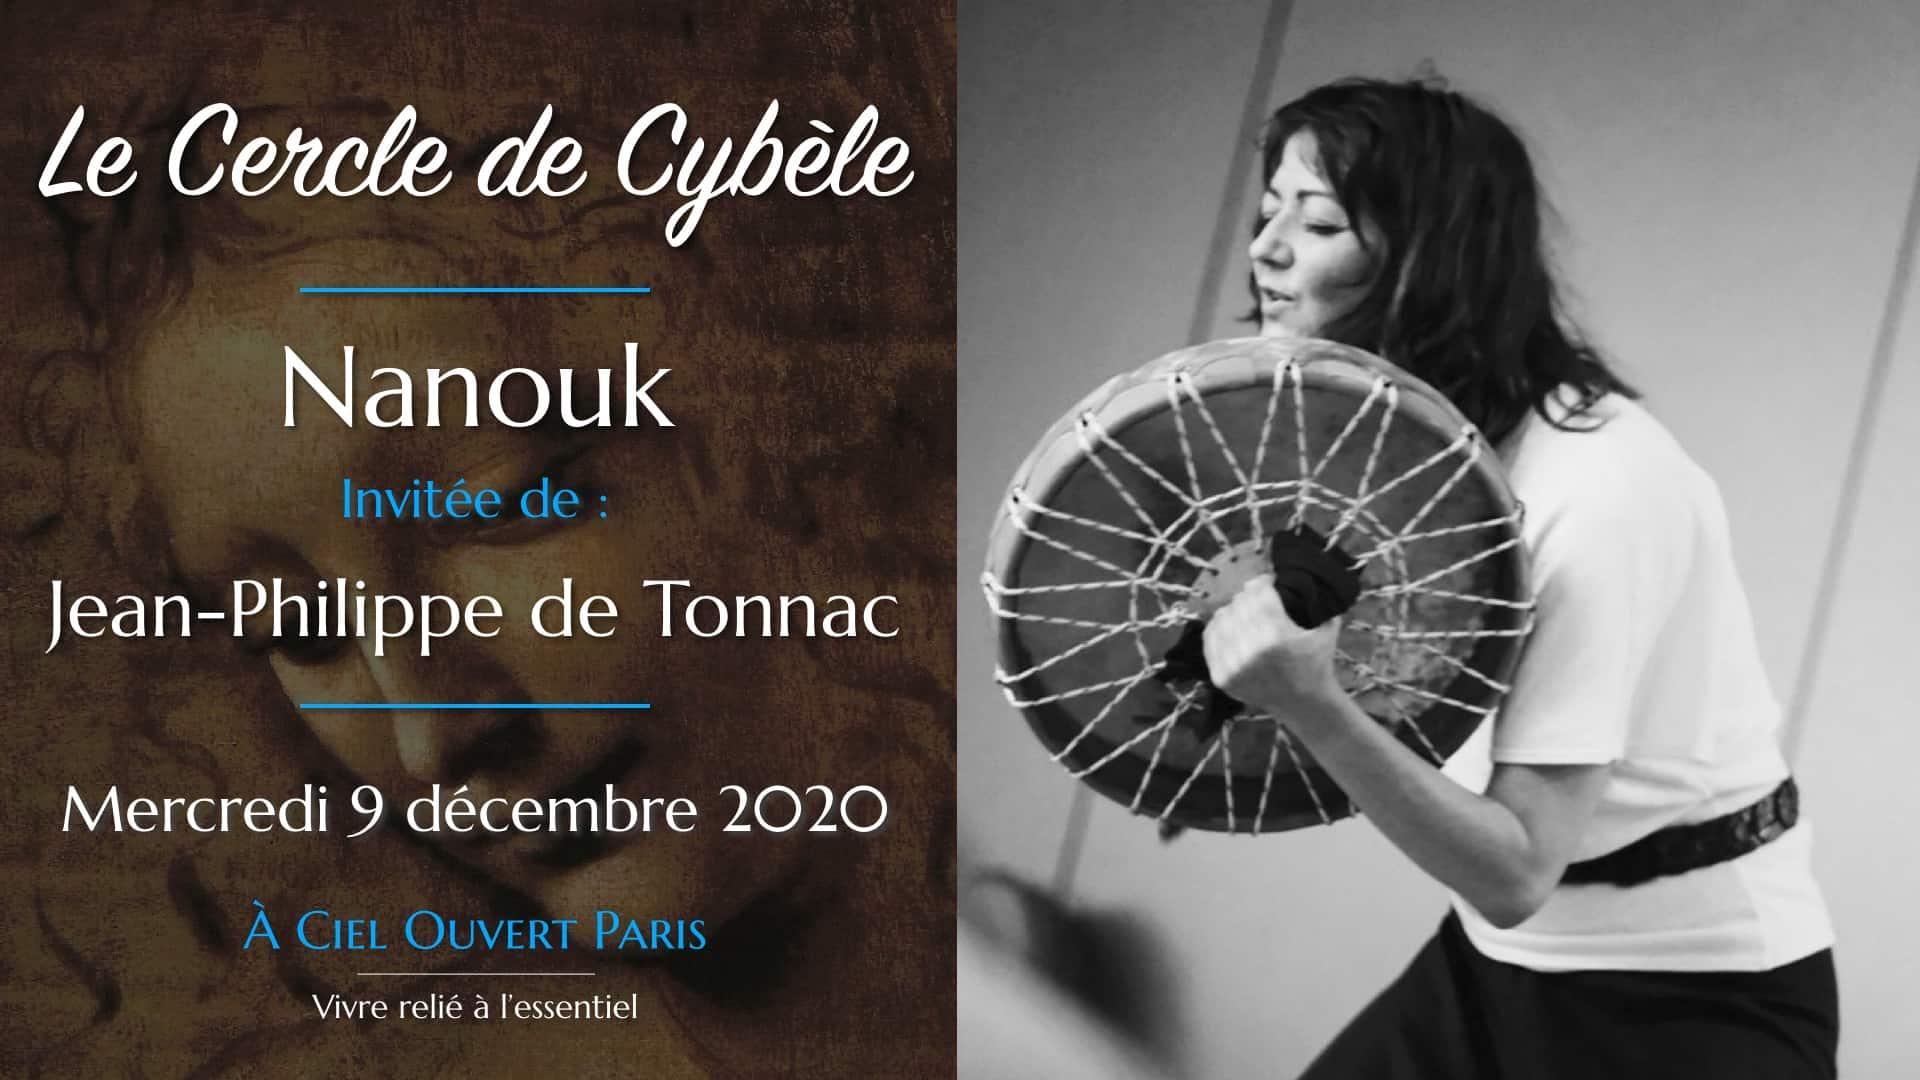 ACOP-Cercle_Cybele-Tonnac-Nanouk-HD